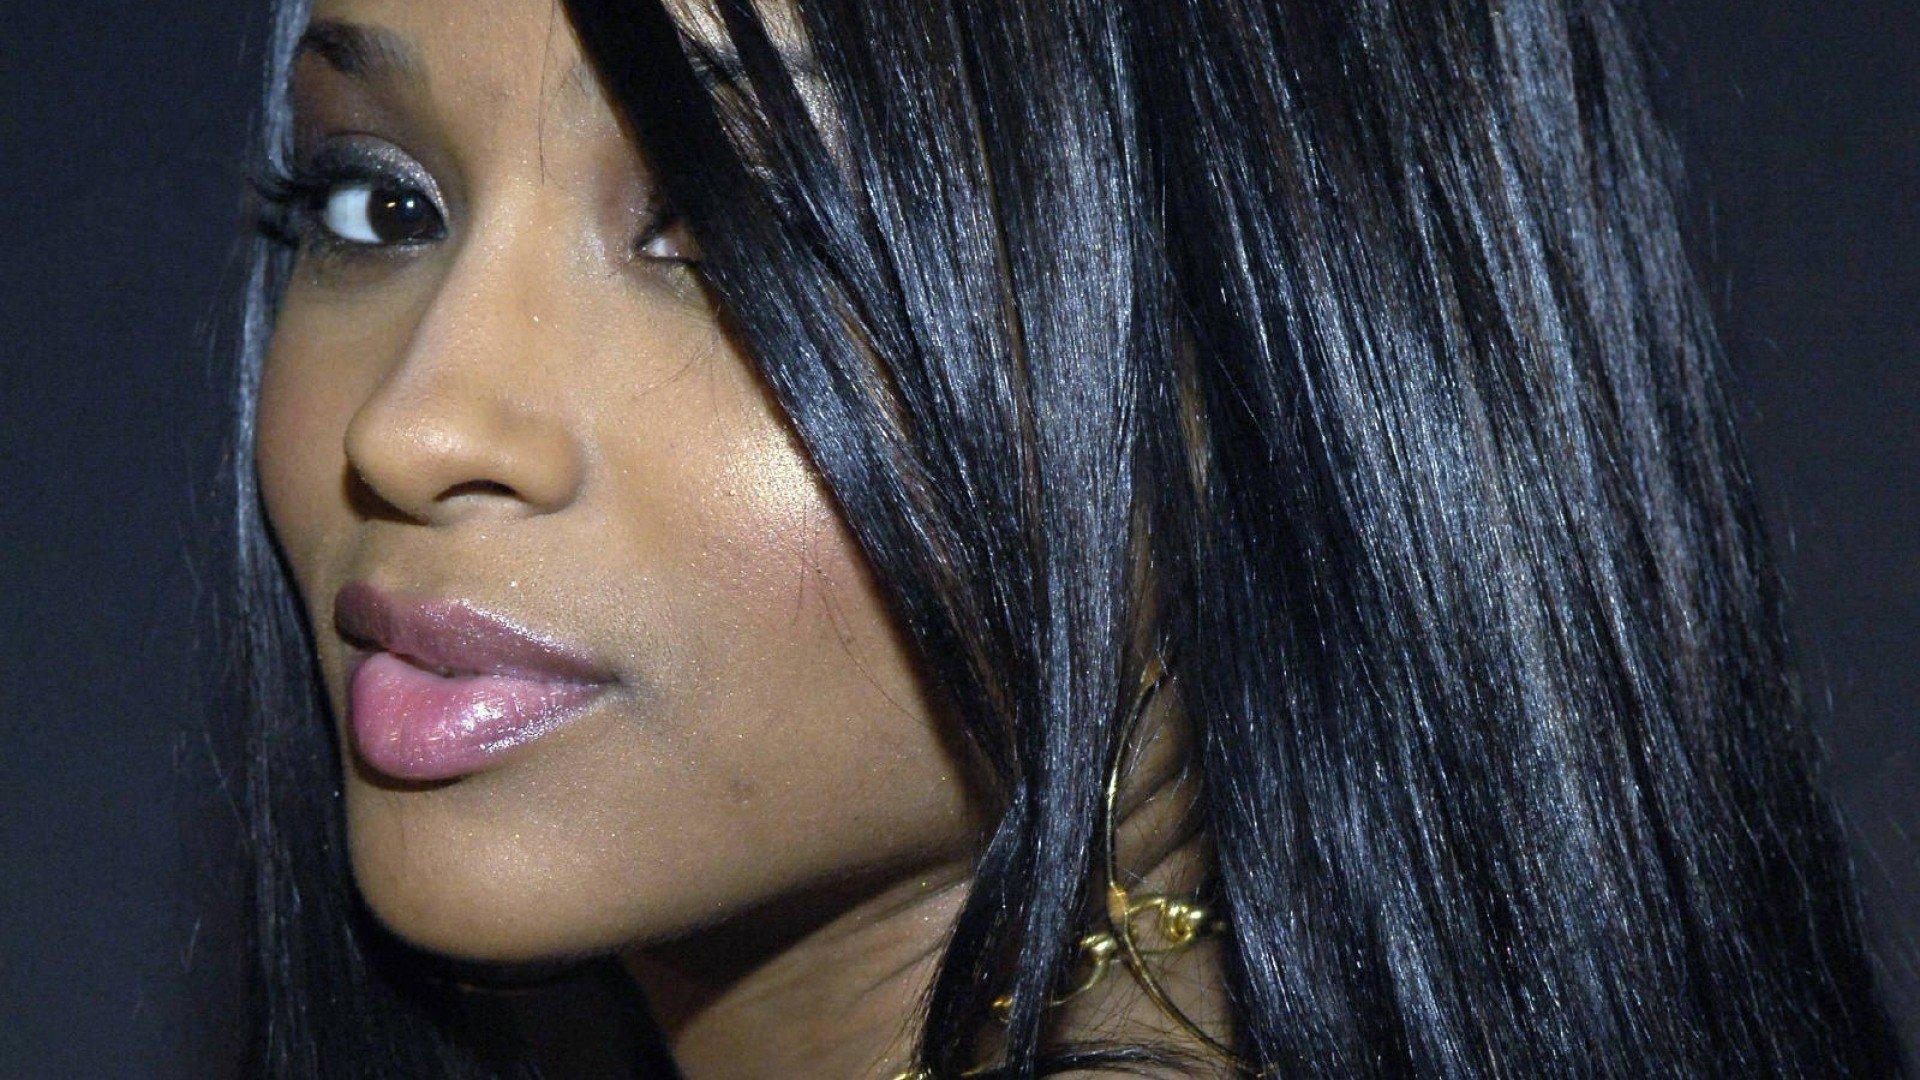 ebony, Black, Women HD Wallpapers / Desktop and Mobile ...